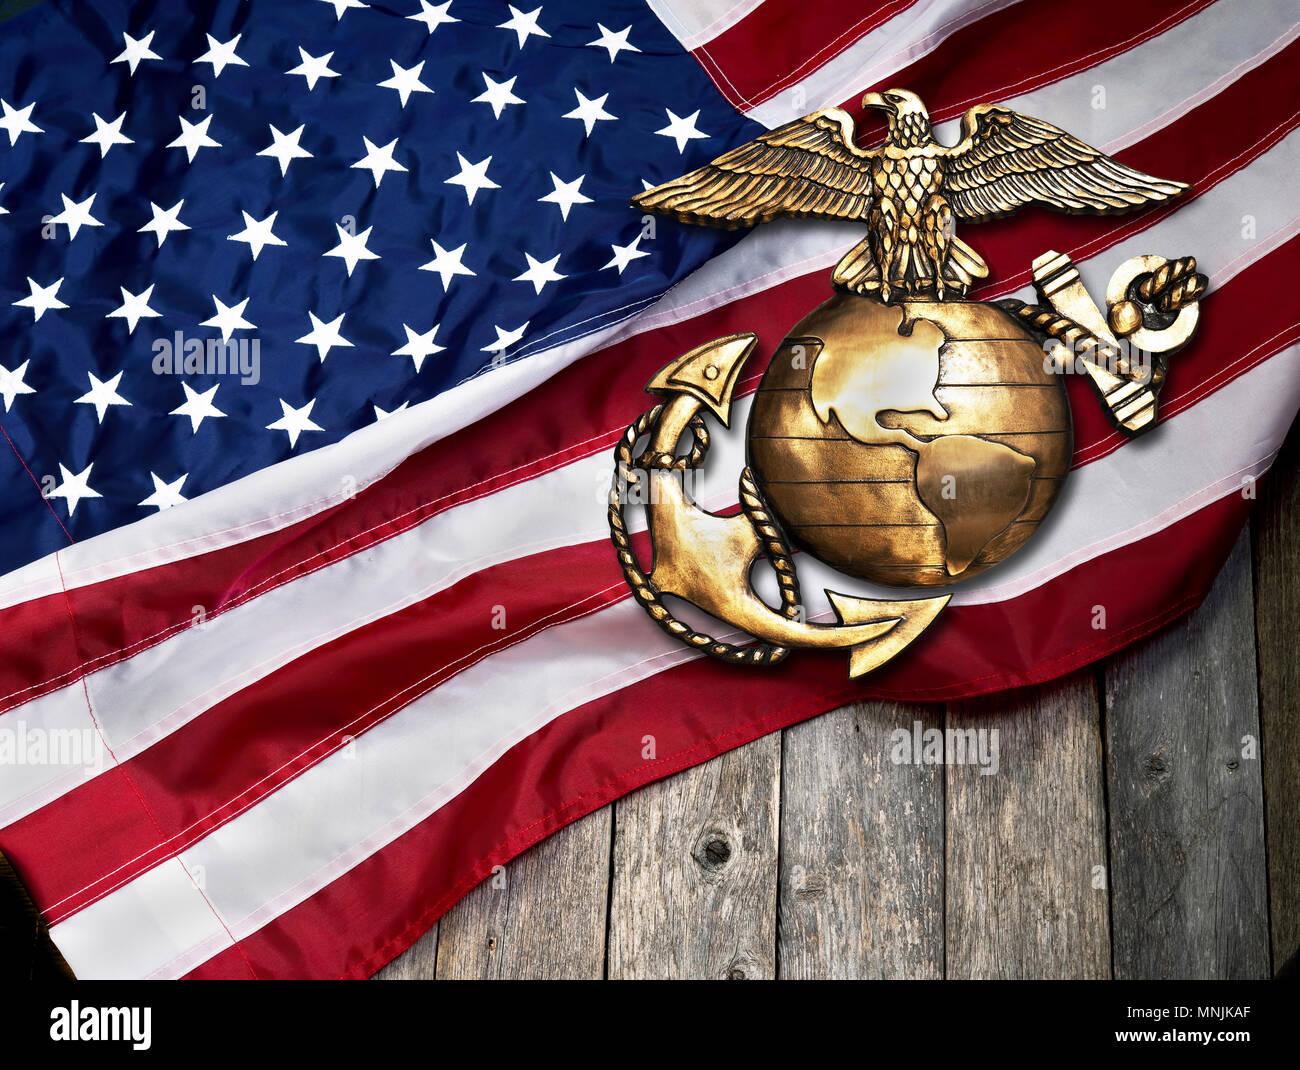 Águila marina, globo y ancla con la bandera americana de fondo. Foto de stock